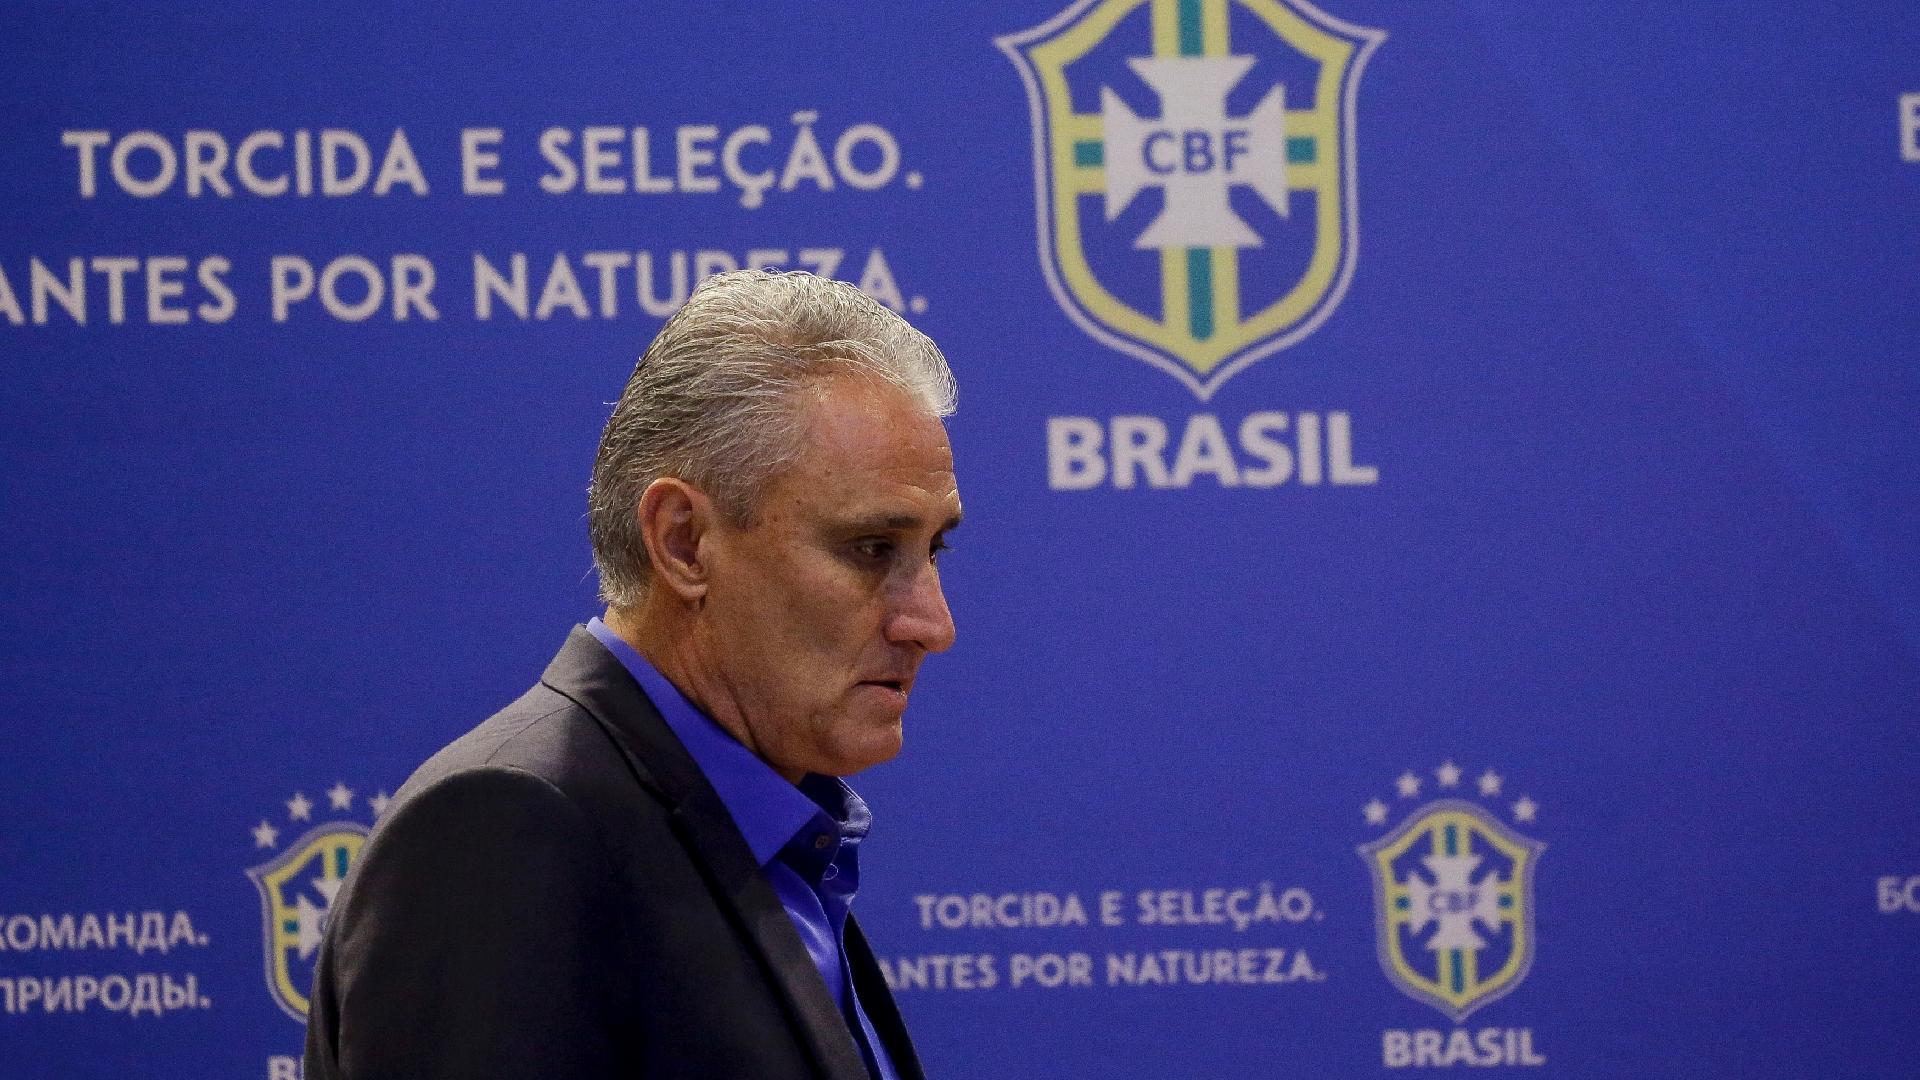 Em entrevista coletiva, Tite convoca a seleção brasileira para a Copa do Mundo de 2018, na Rússia